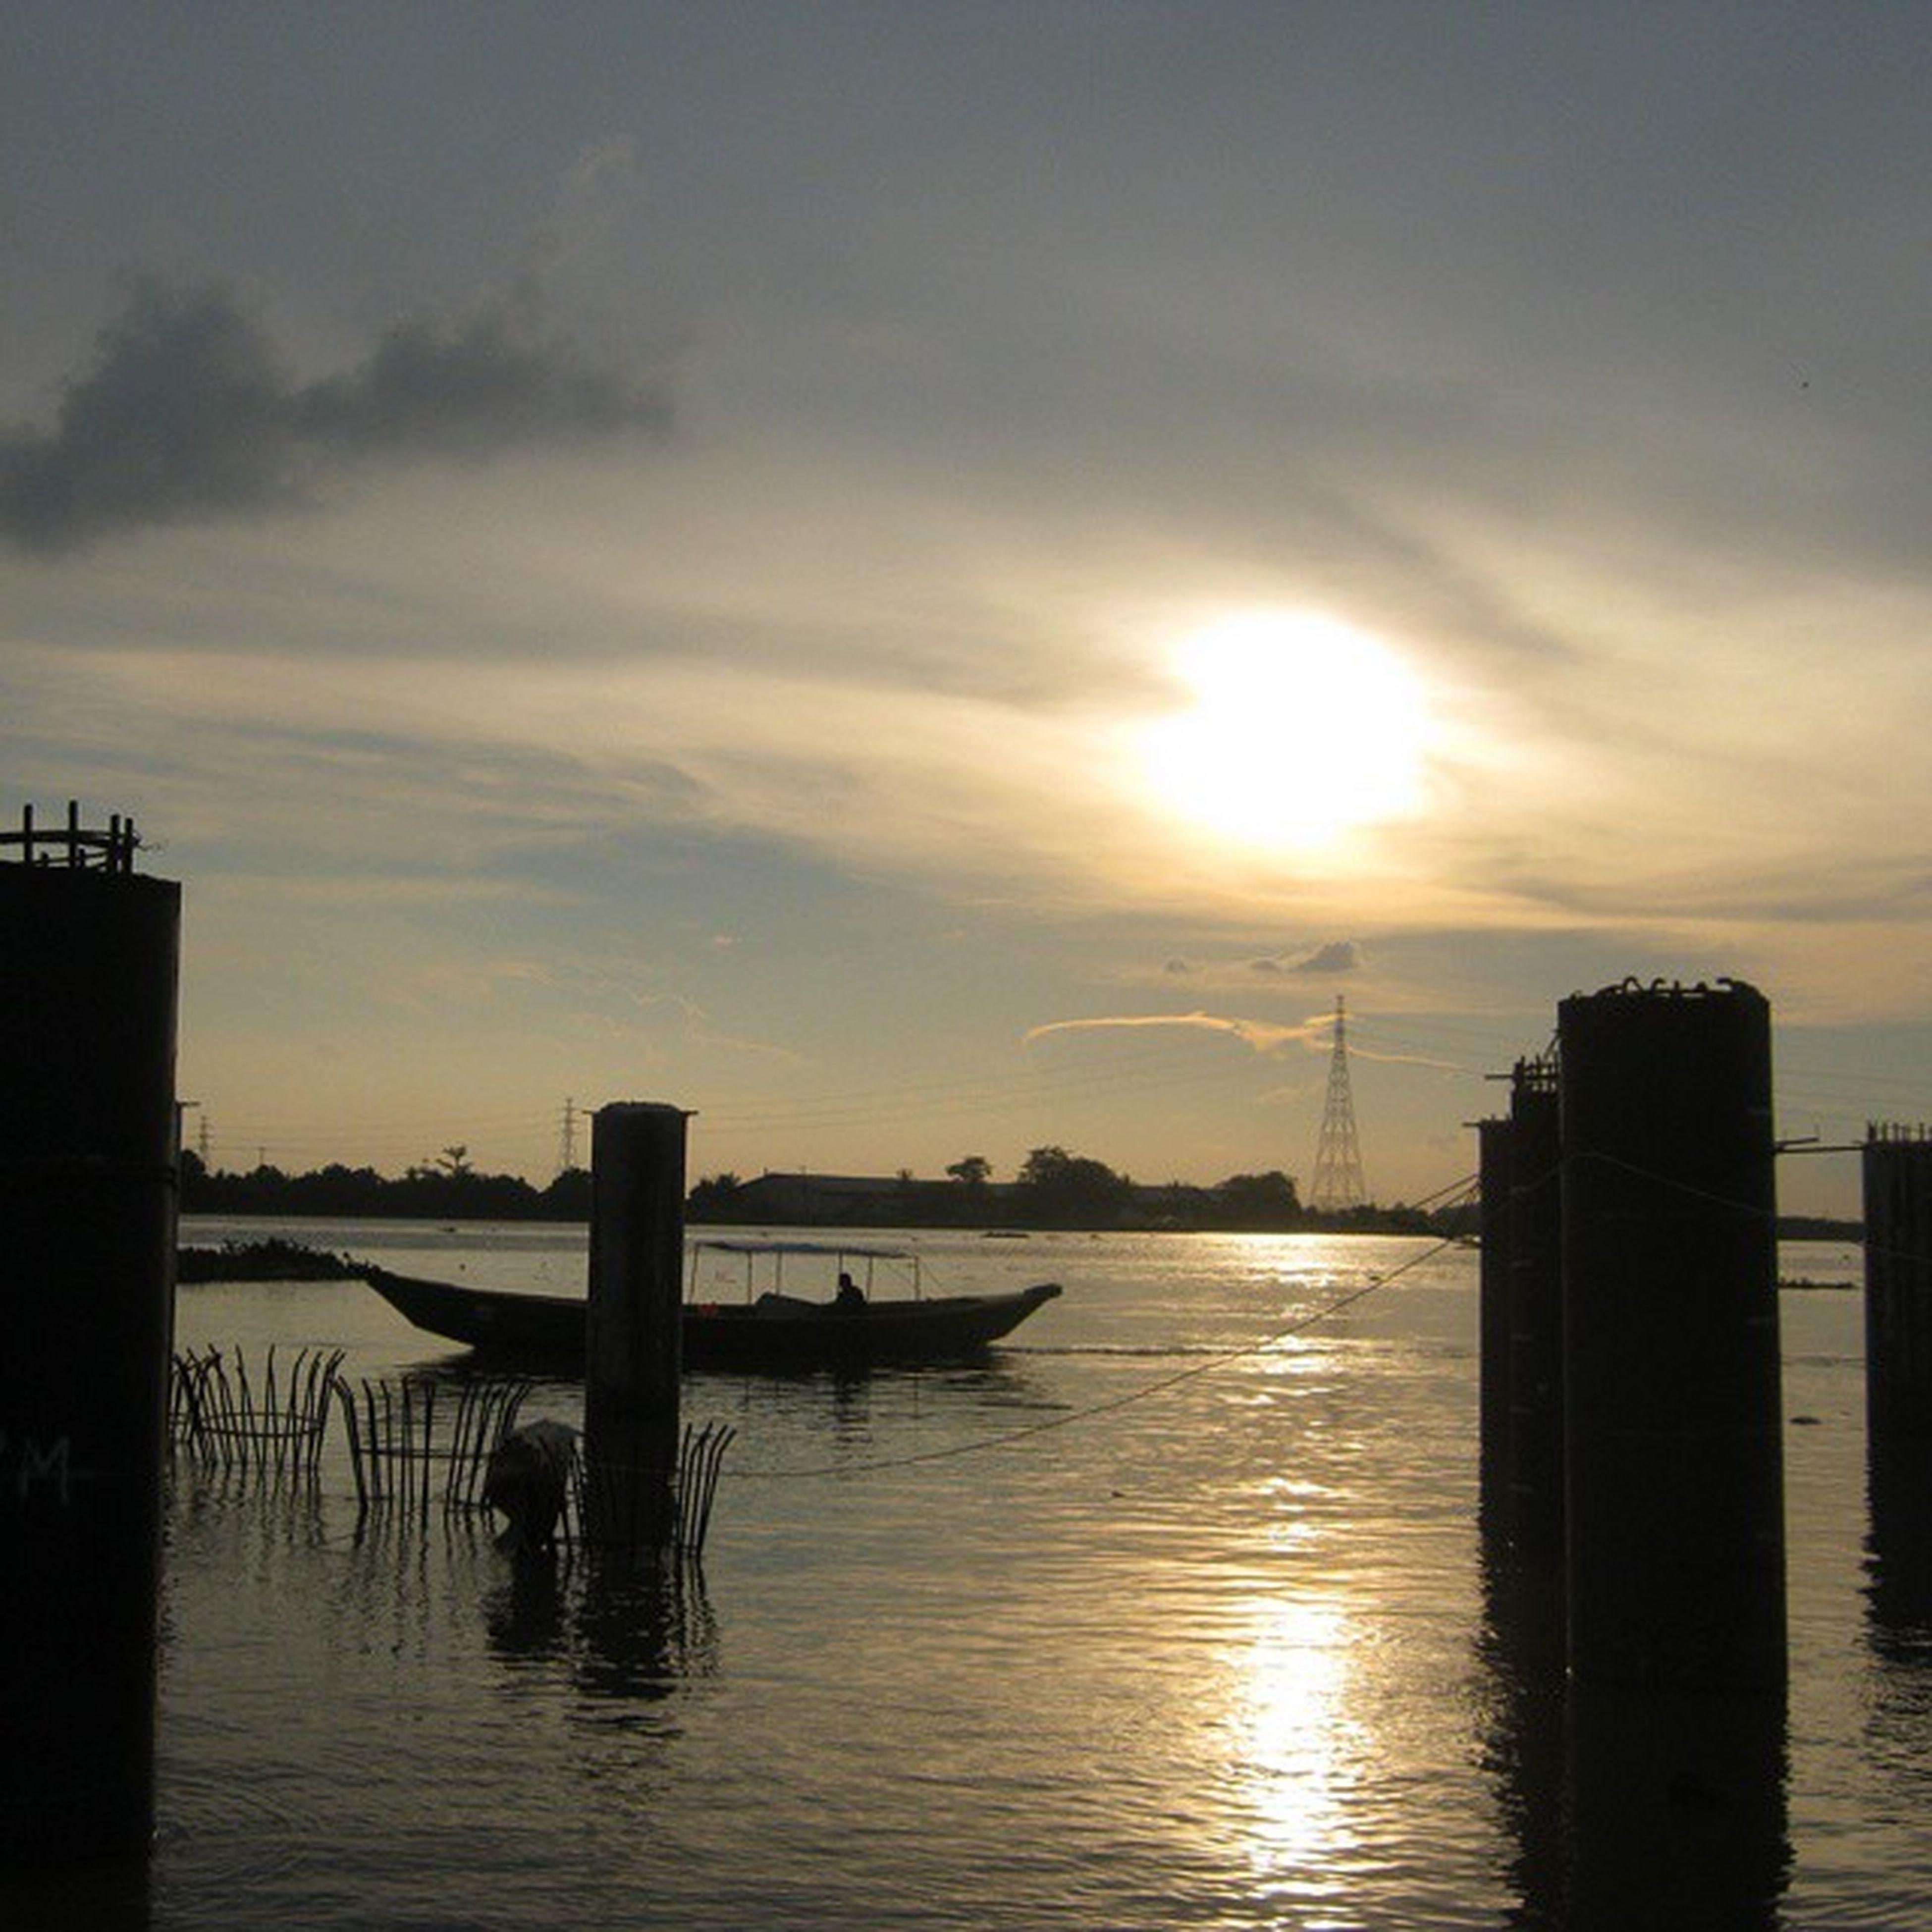 [duplikasi jembatan air musi II, palembang] Instanusantara Joininstanusantara InstanusantaraPalembang Palembang SouthSumatera SungaiMusi sunset